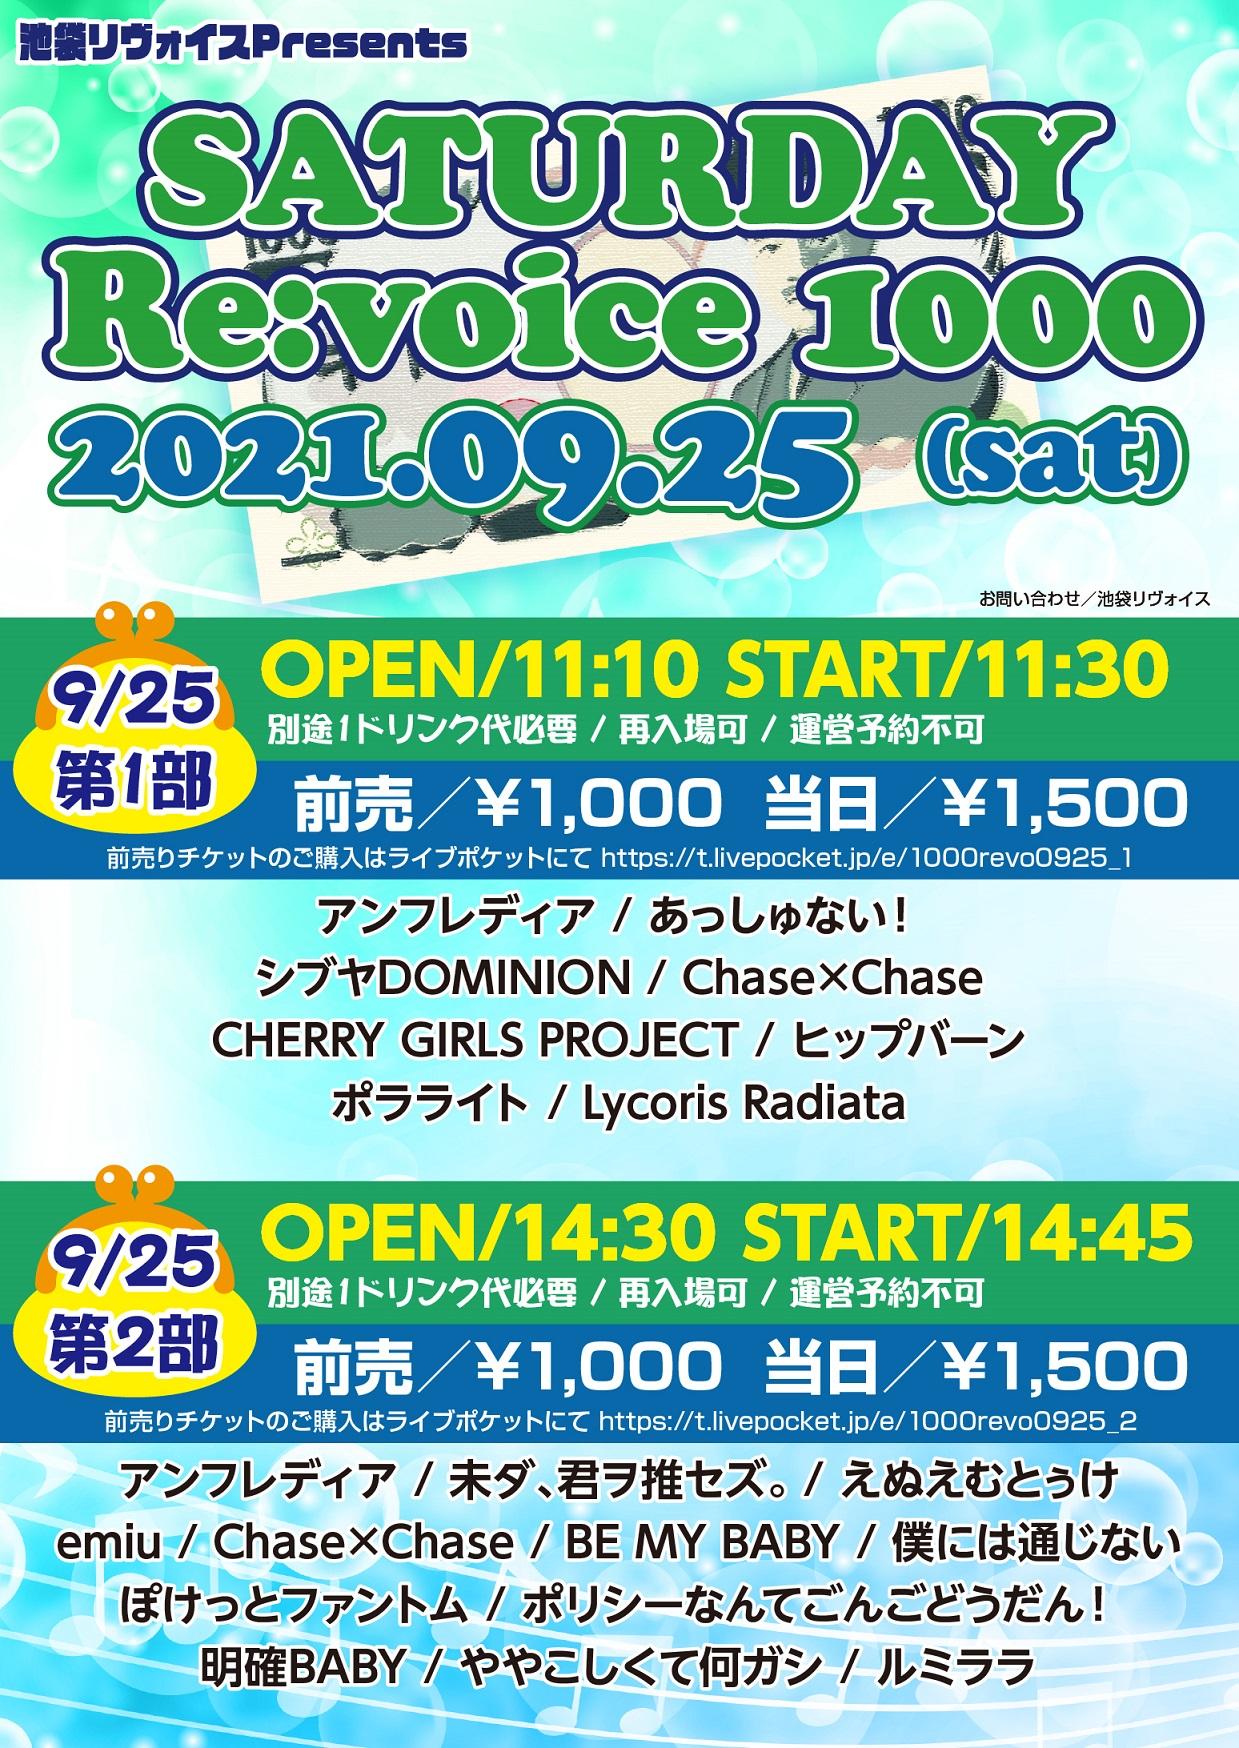 【第二部】SATURDAY Re:voice 1000